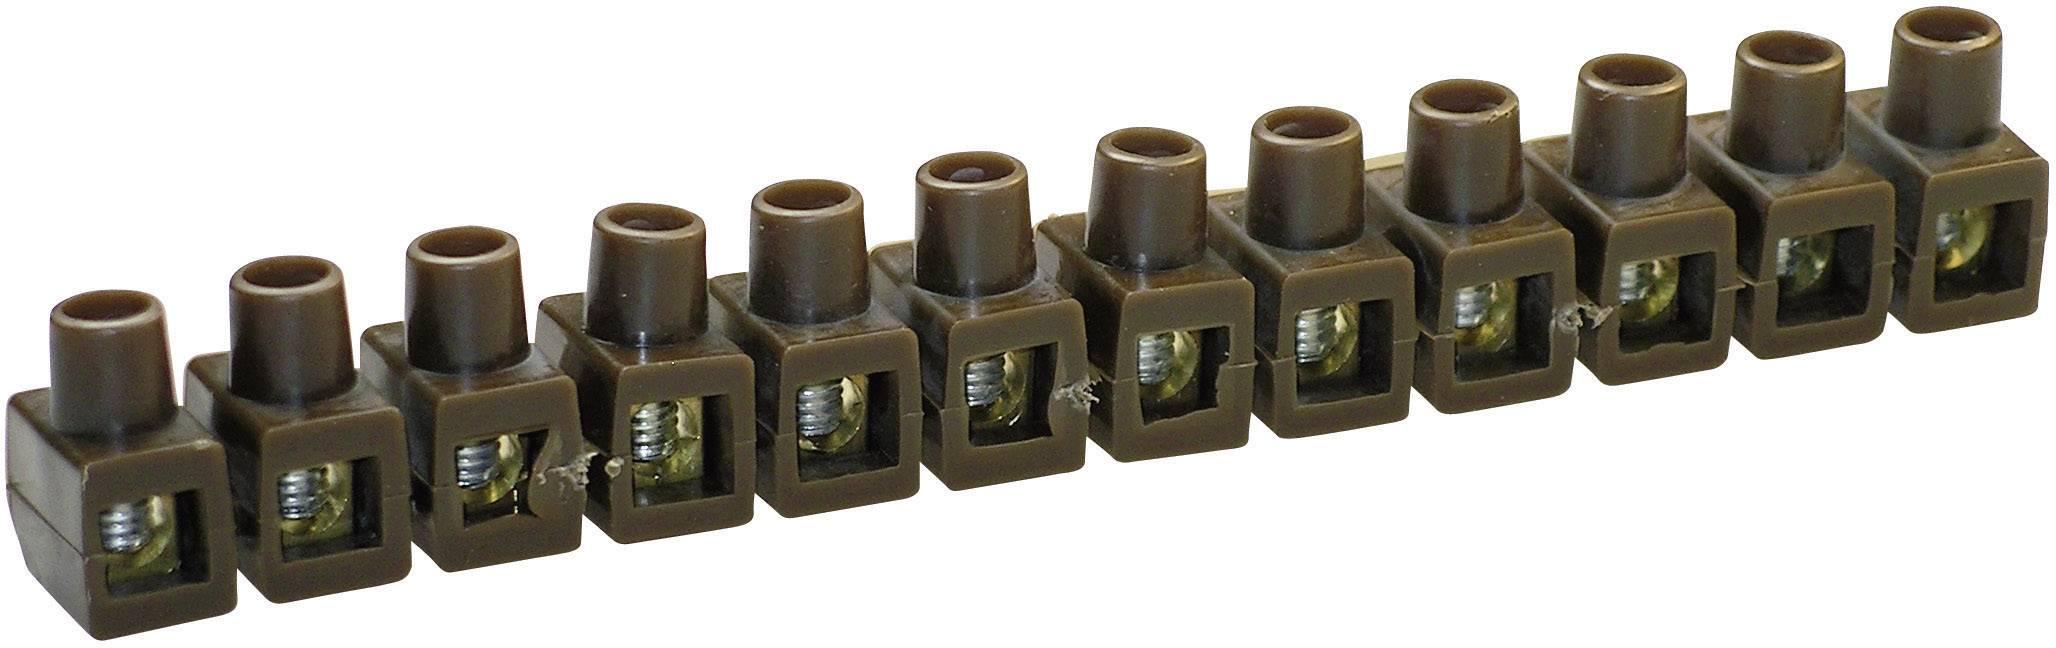 Krabicová svorka Kaiser na kábel s rozmerom 2.5-6 mm², pólů 12, 1 ks, hnedá